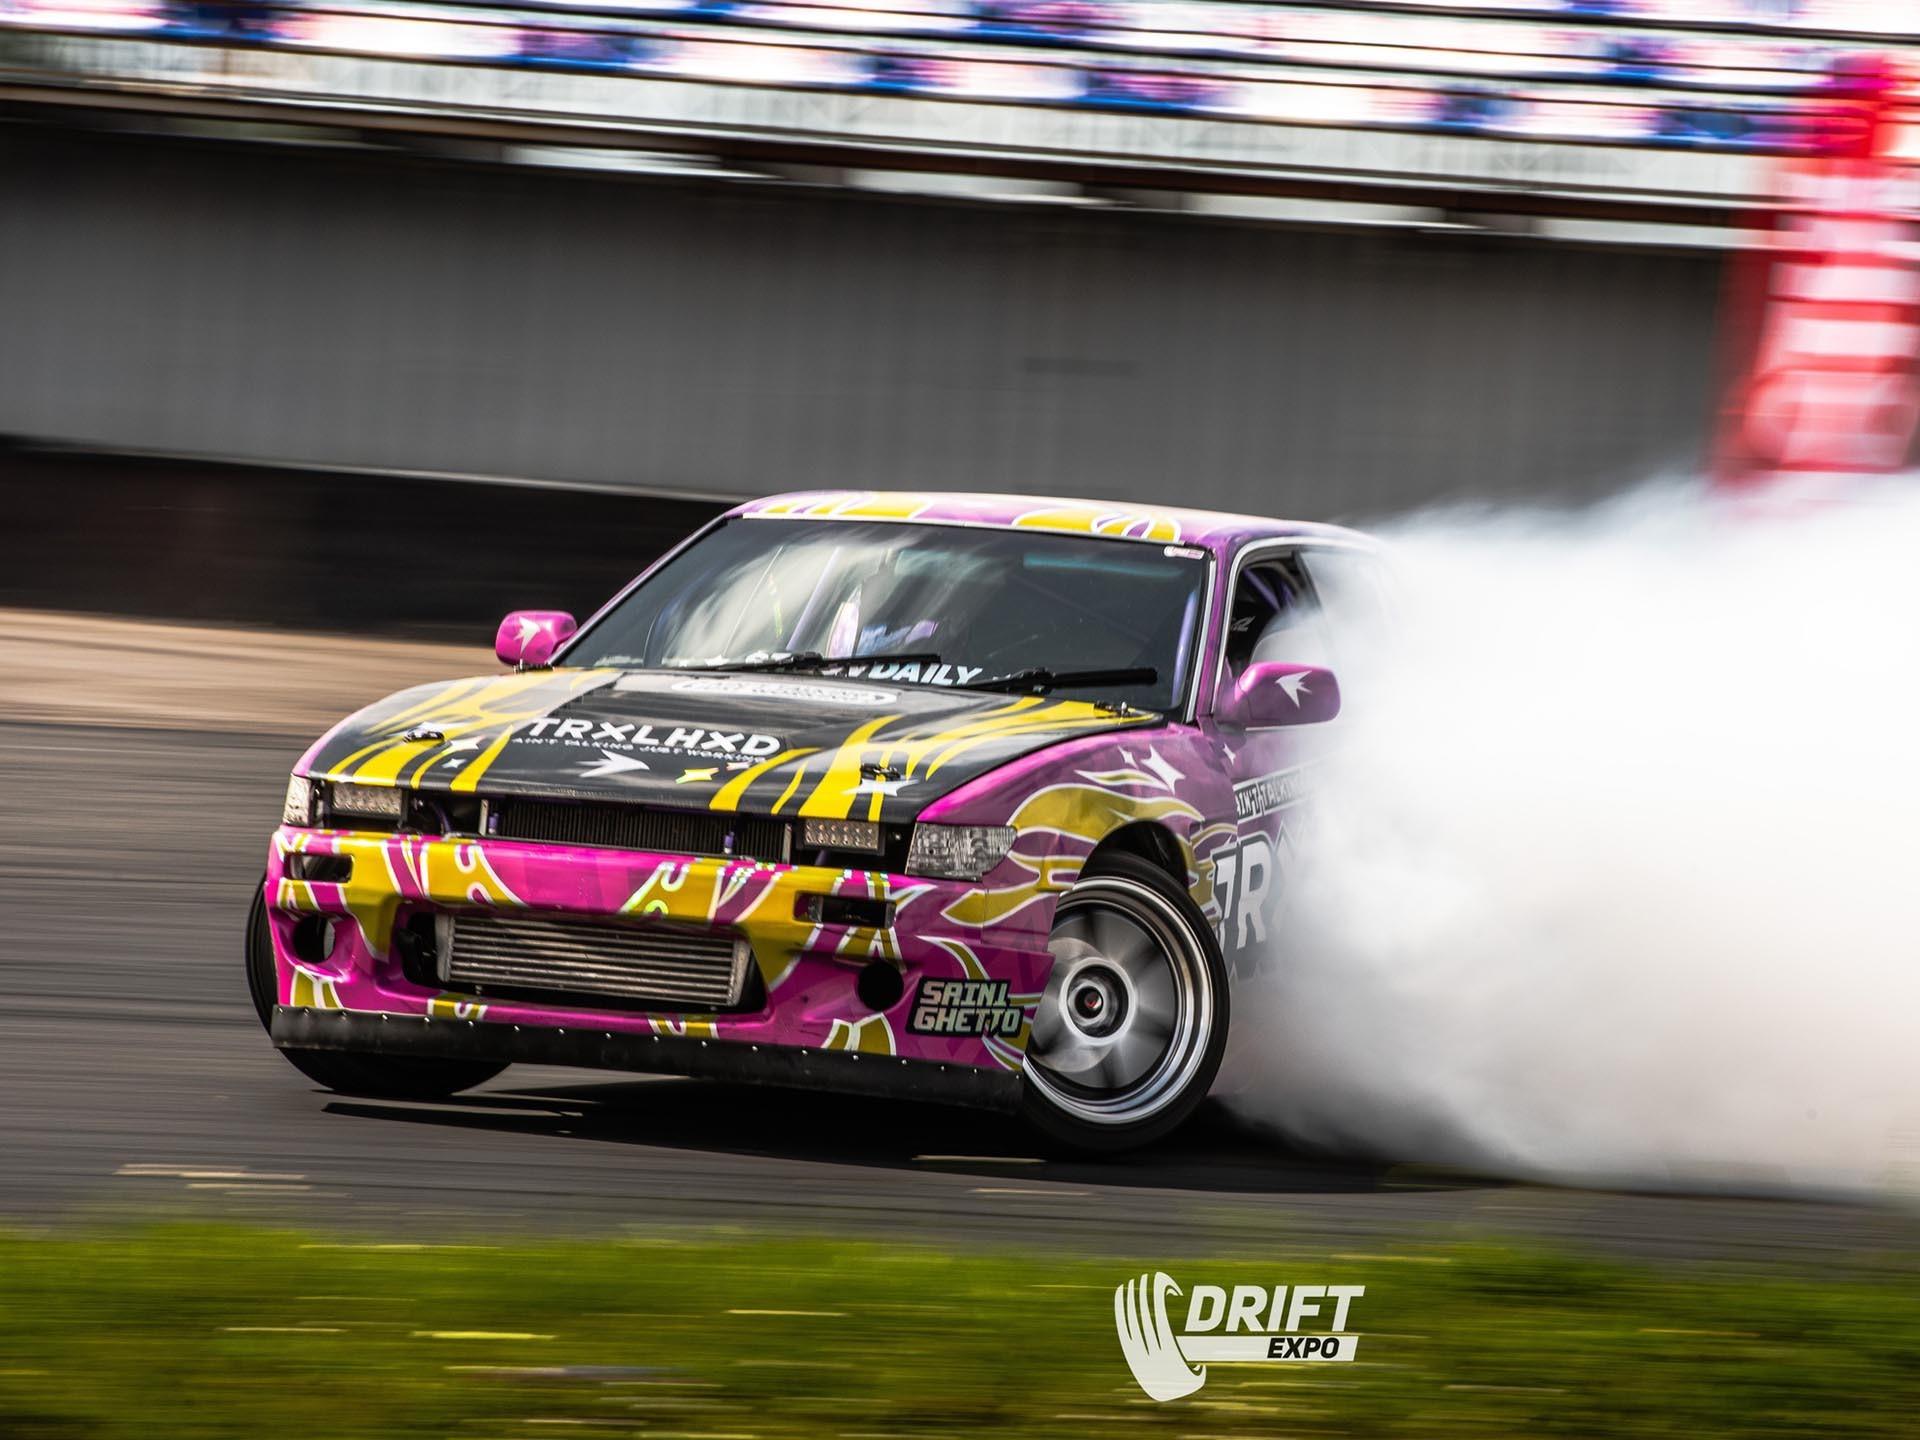 Drift Expo Track Mode 29-30 мая на ADM Raceway